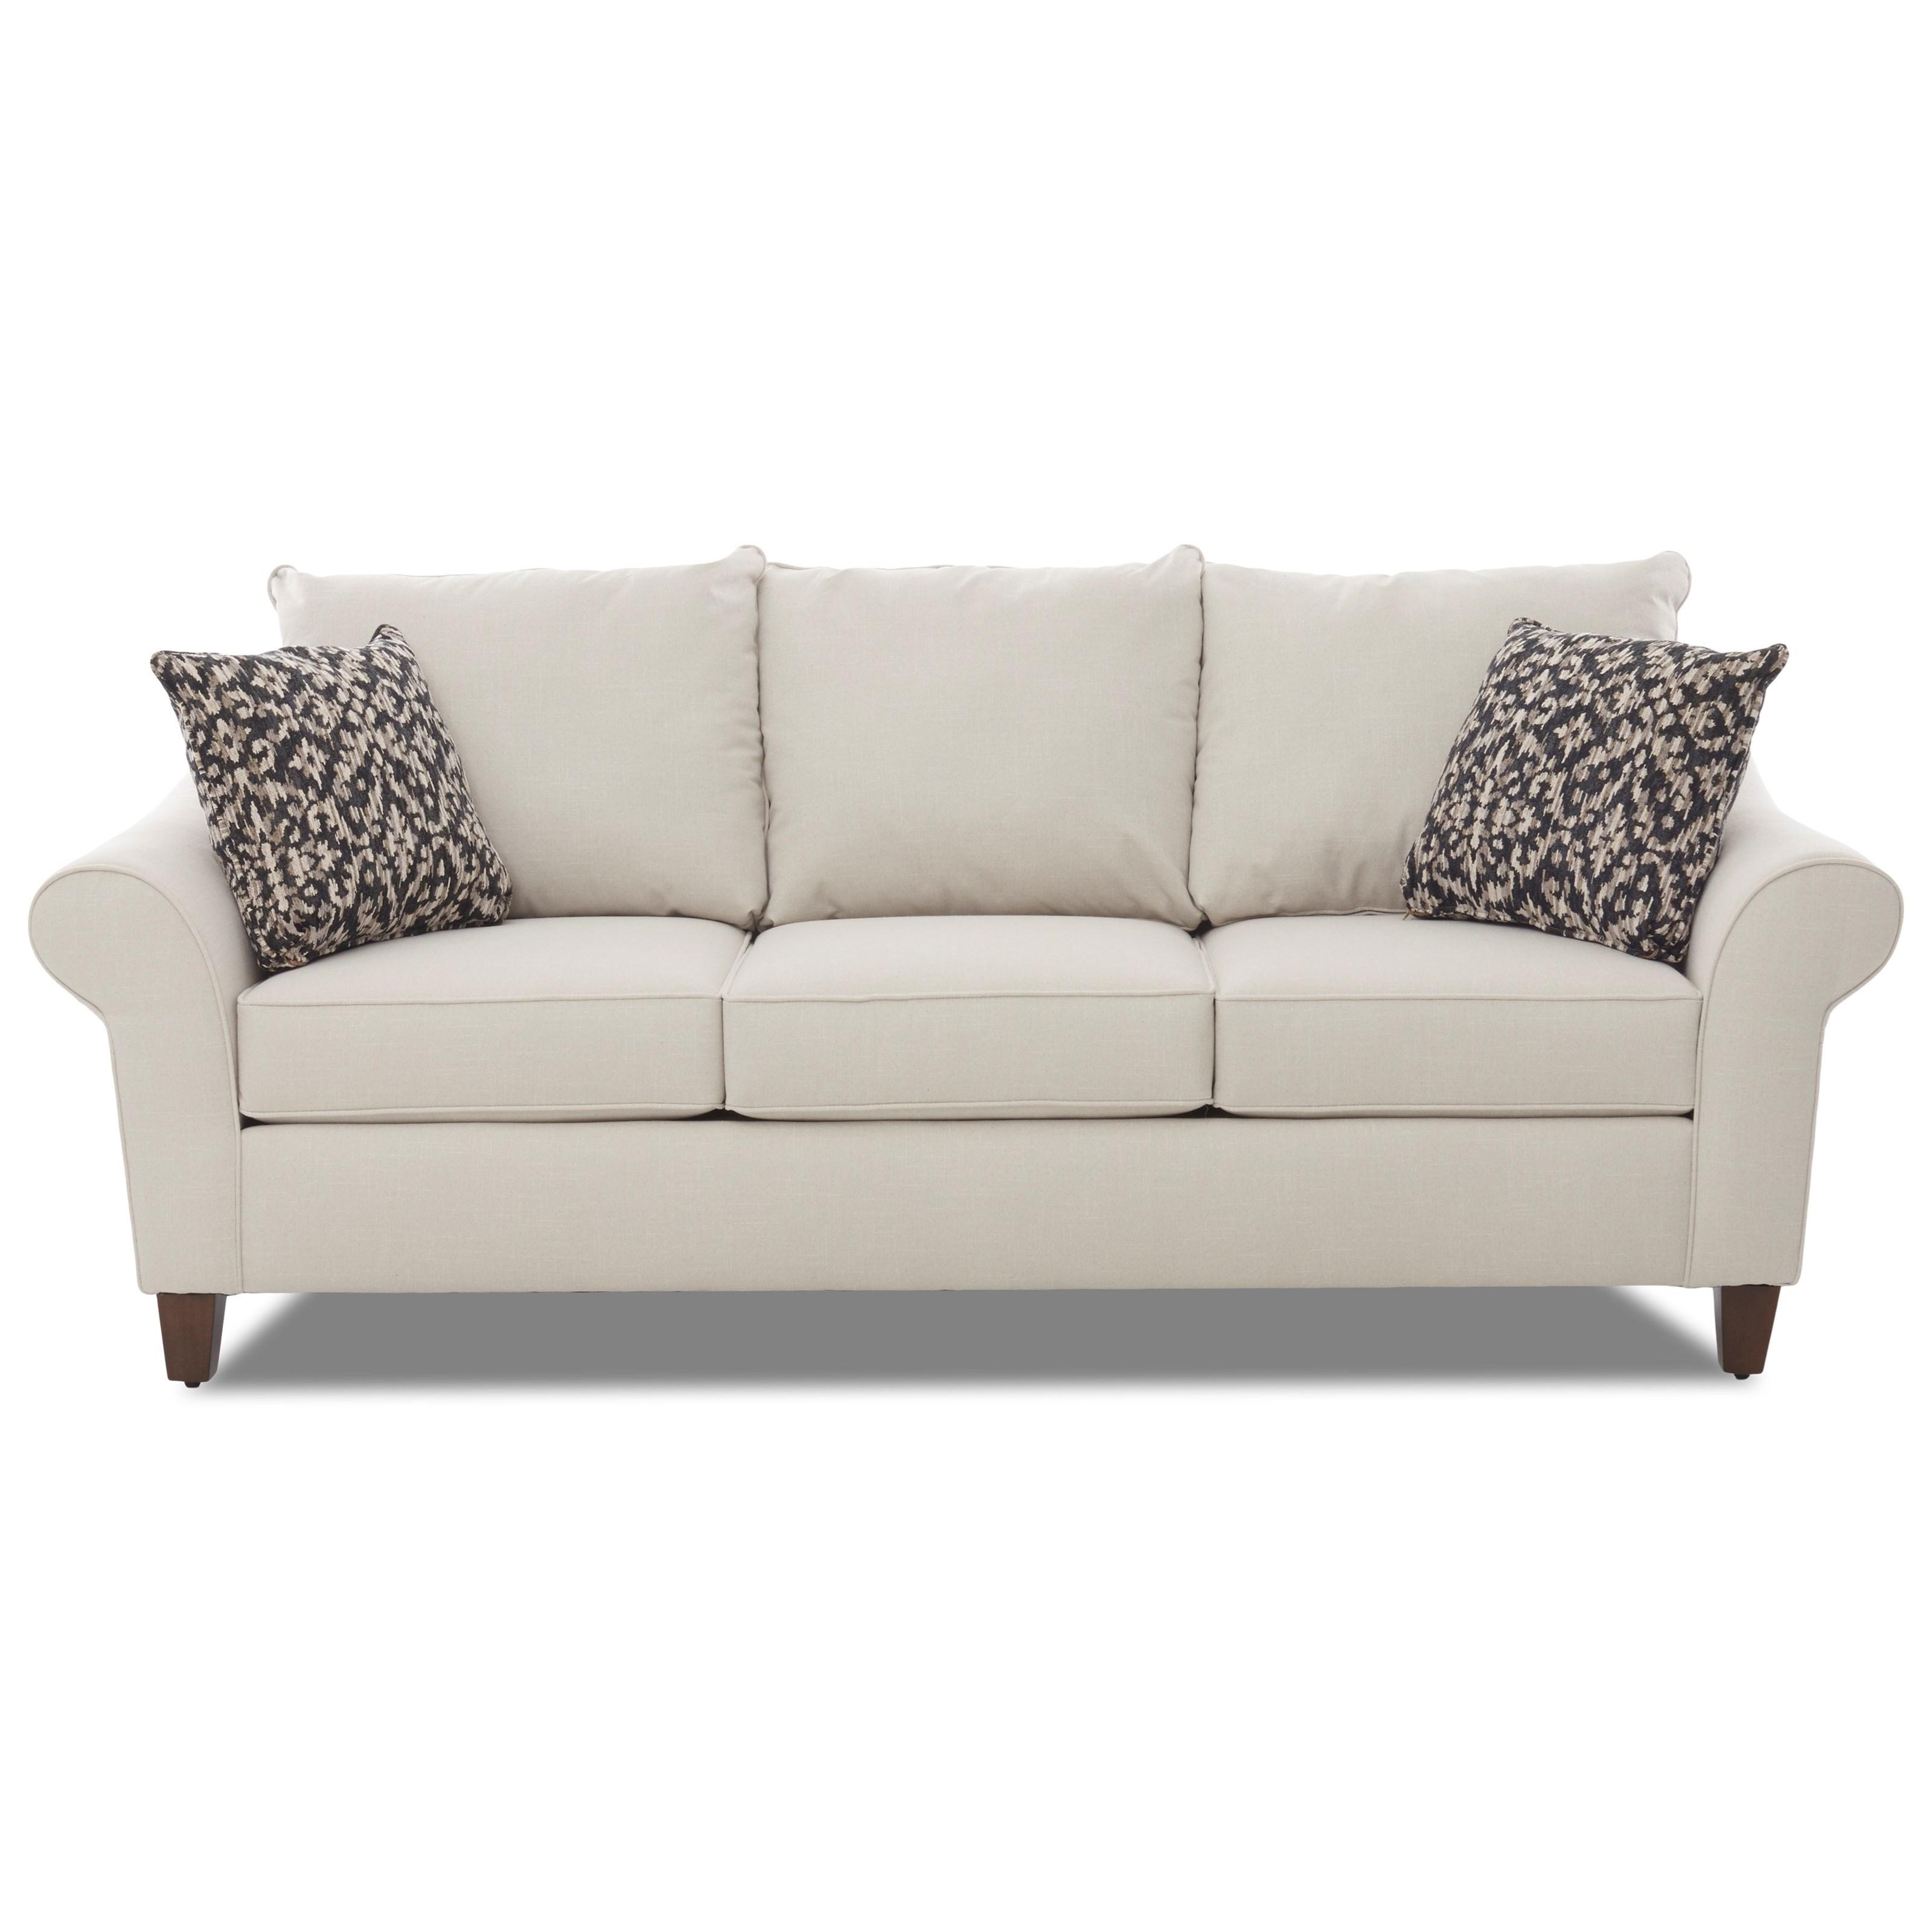 Klaussner Keller Contemporary Sofa